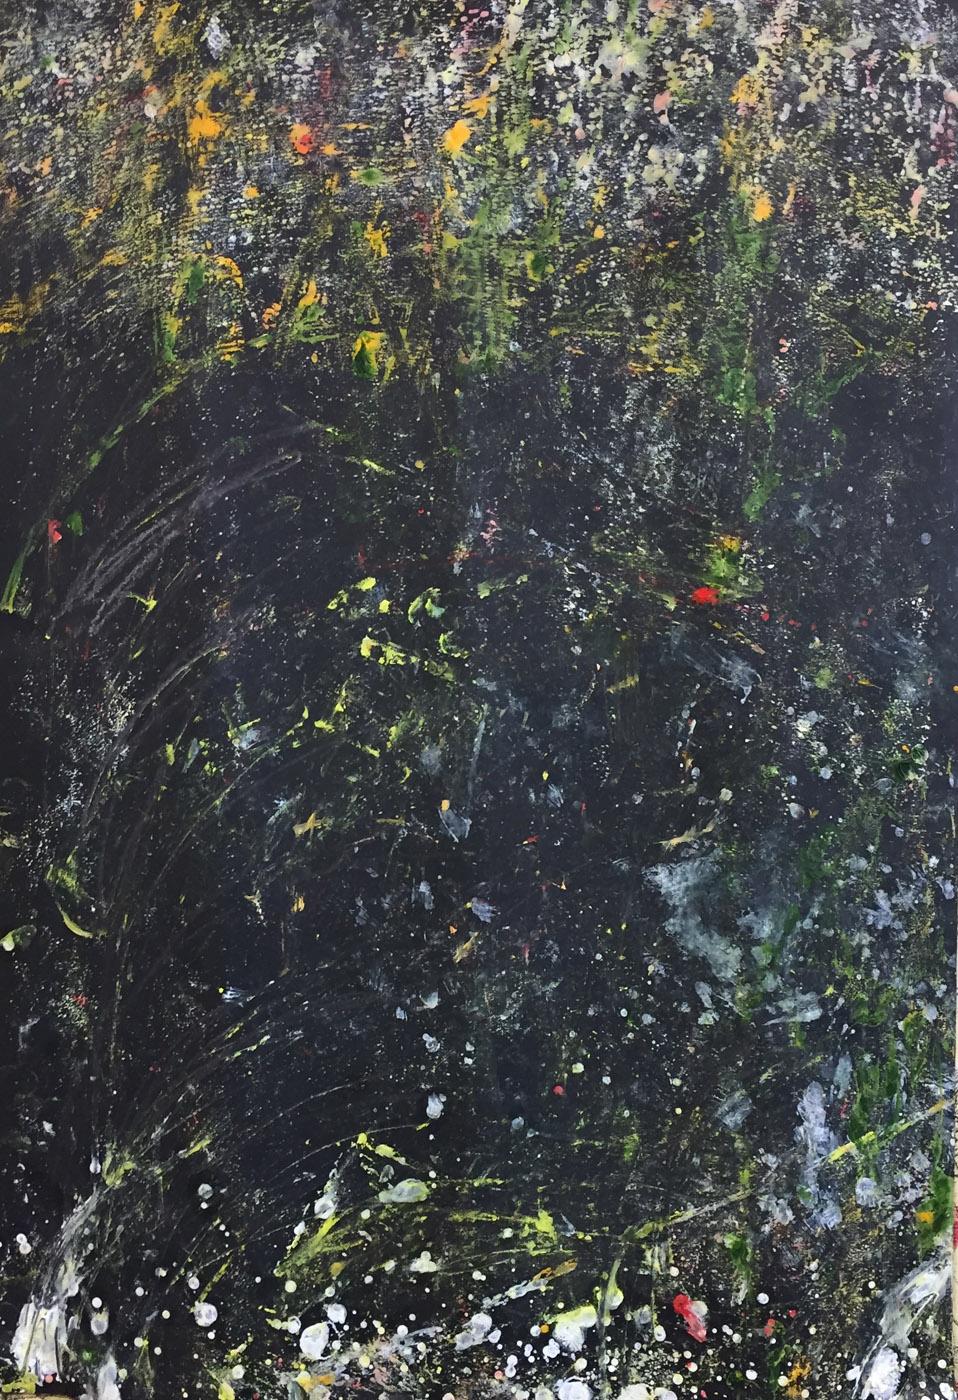 MARC FELD 2020 POSSIBILITIES 4 Huile, acrylique, mine de plomb et pigment sur papier 70 x 130 cm